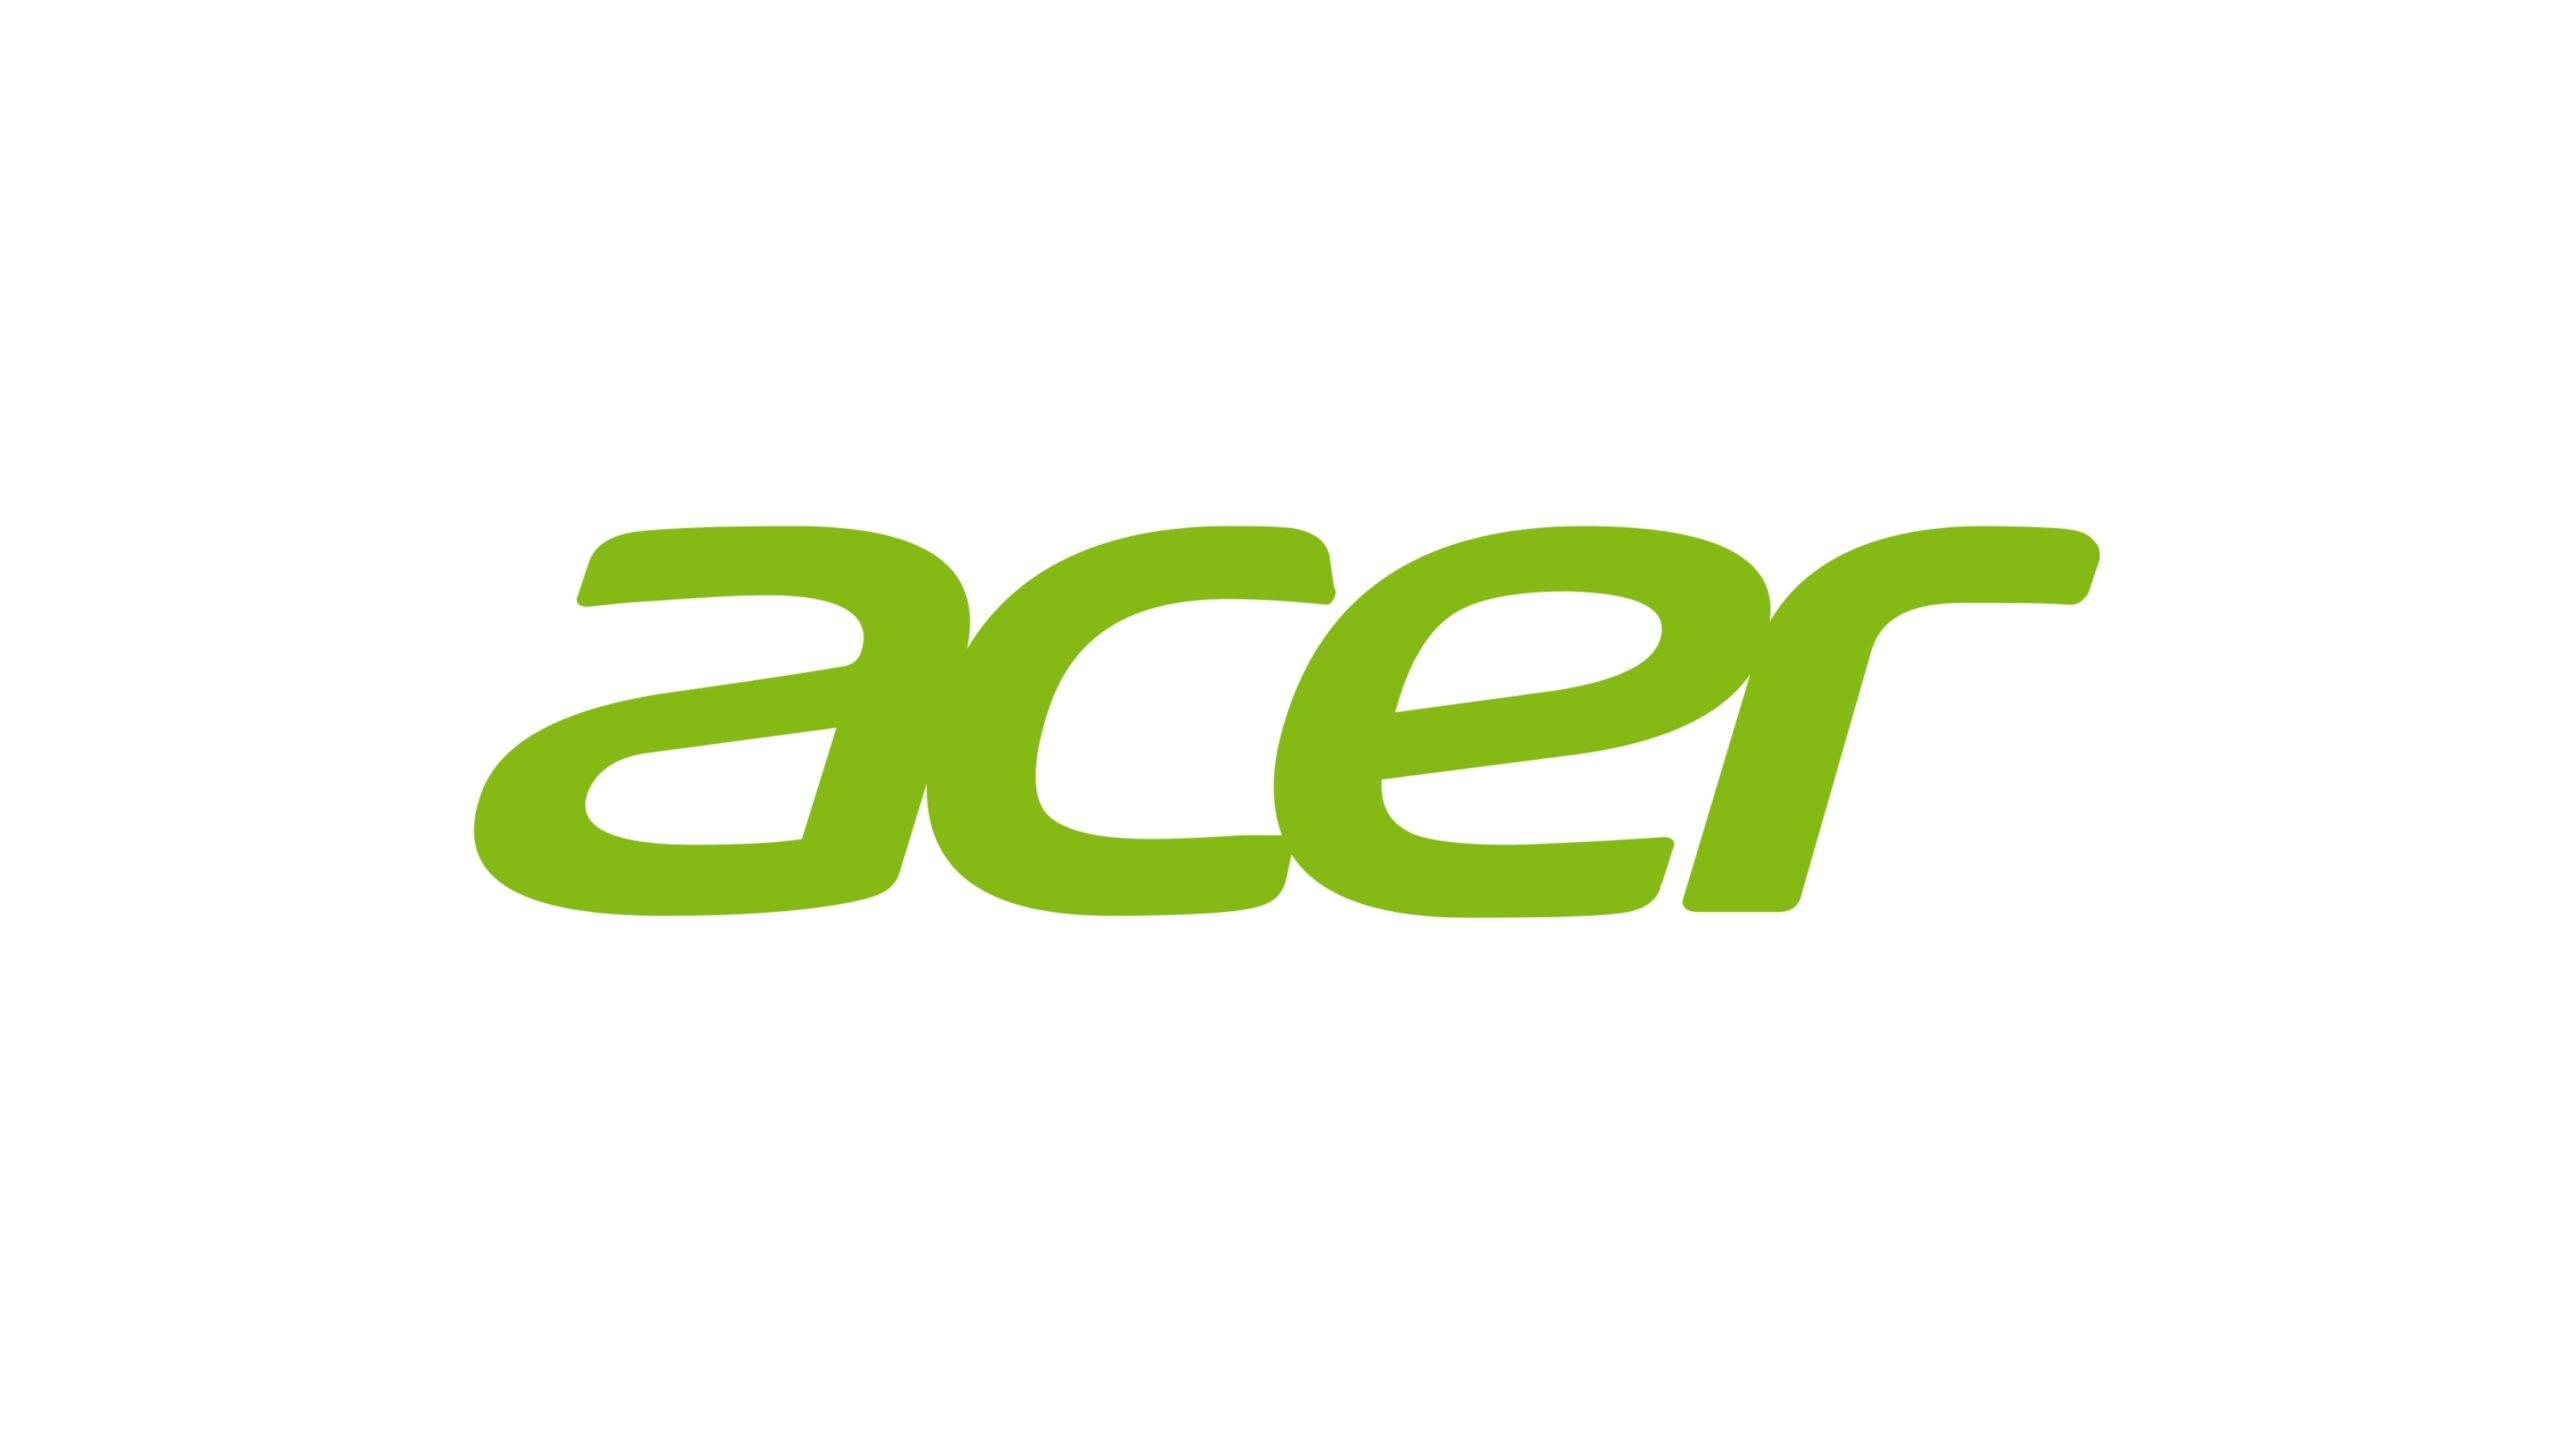 Acer собирается выпустить новые смарт-телевизоры HD и 4K в Индии в сентябре